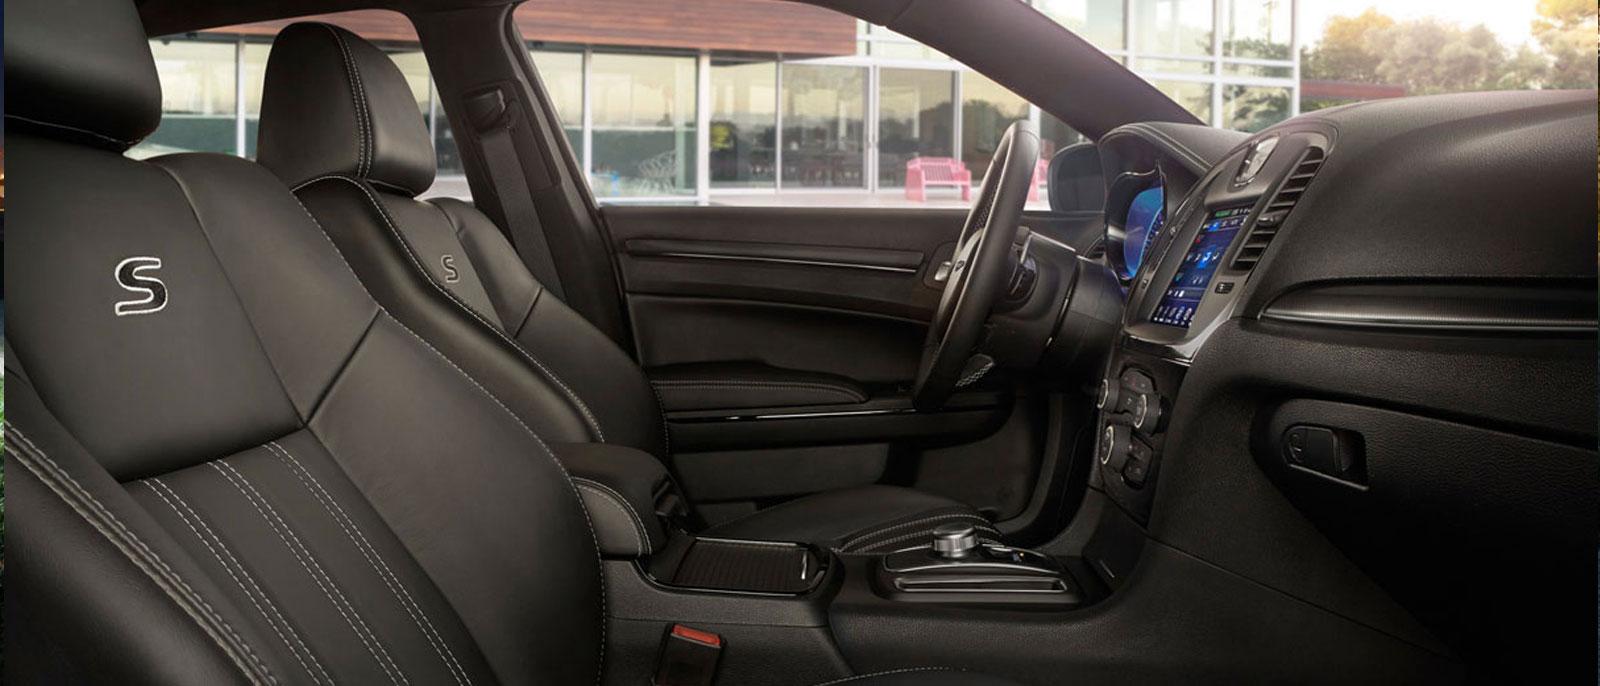 2015 Chrysler 300 interior